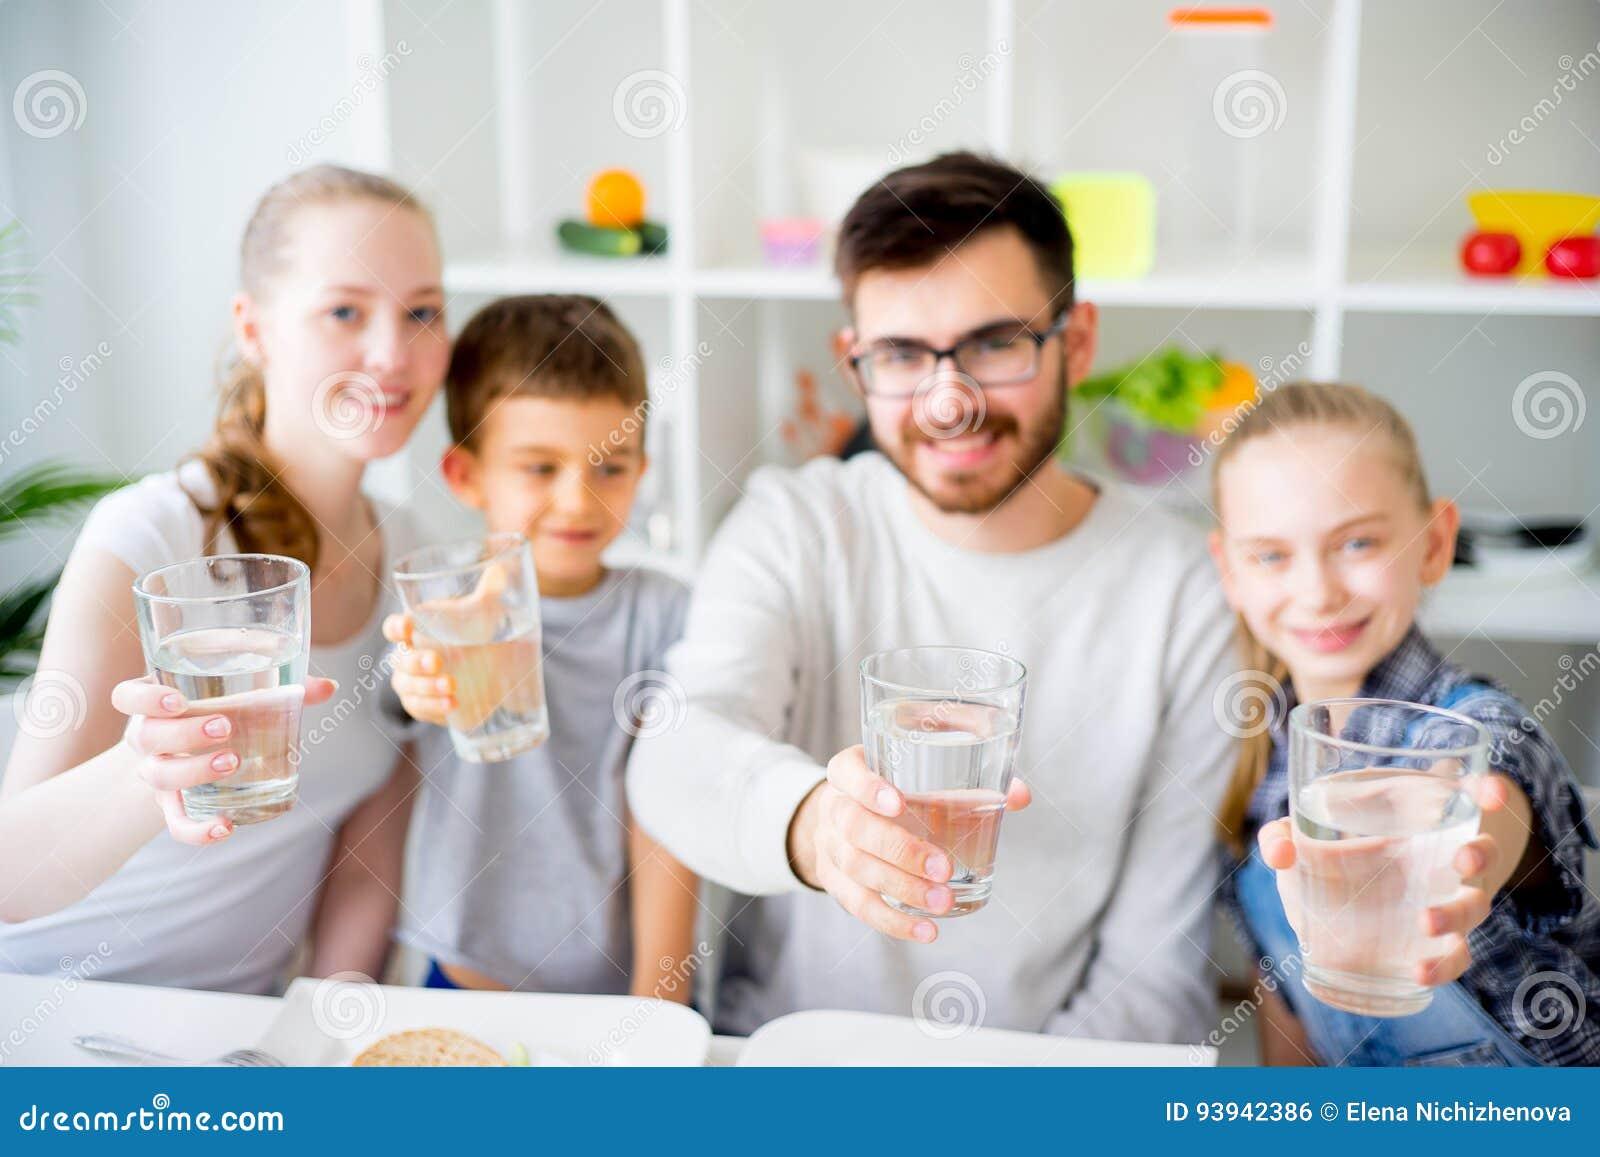 Семья выпивает воду